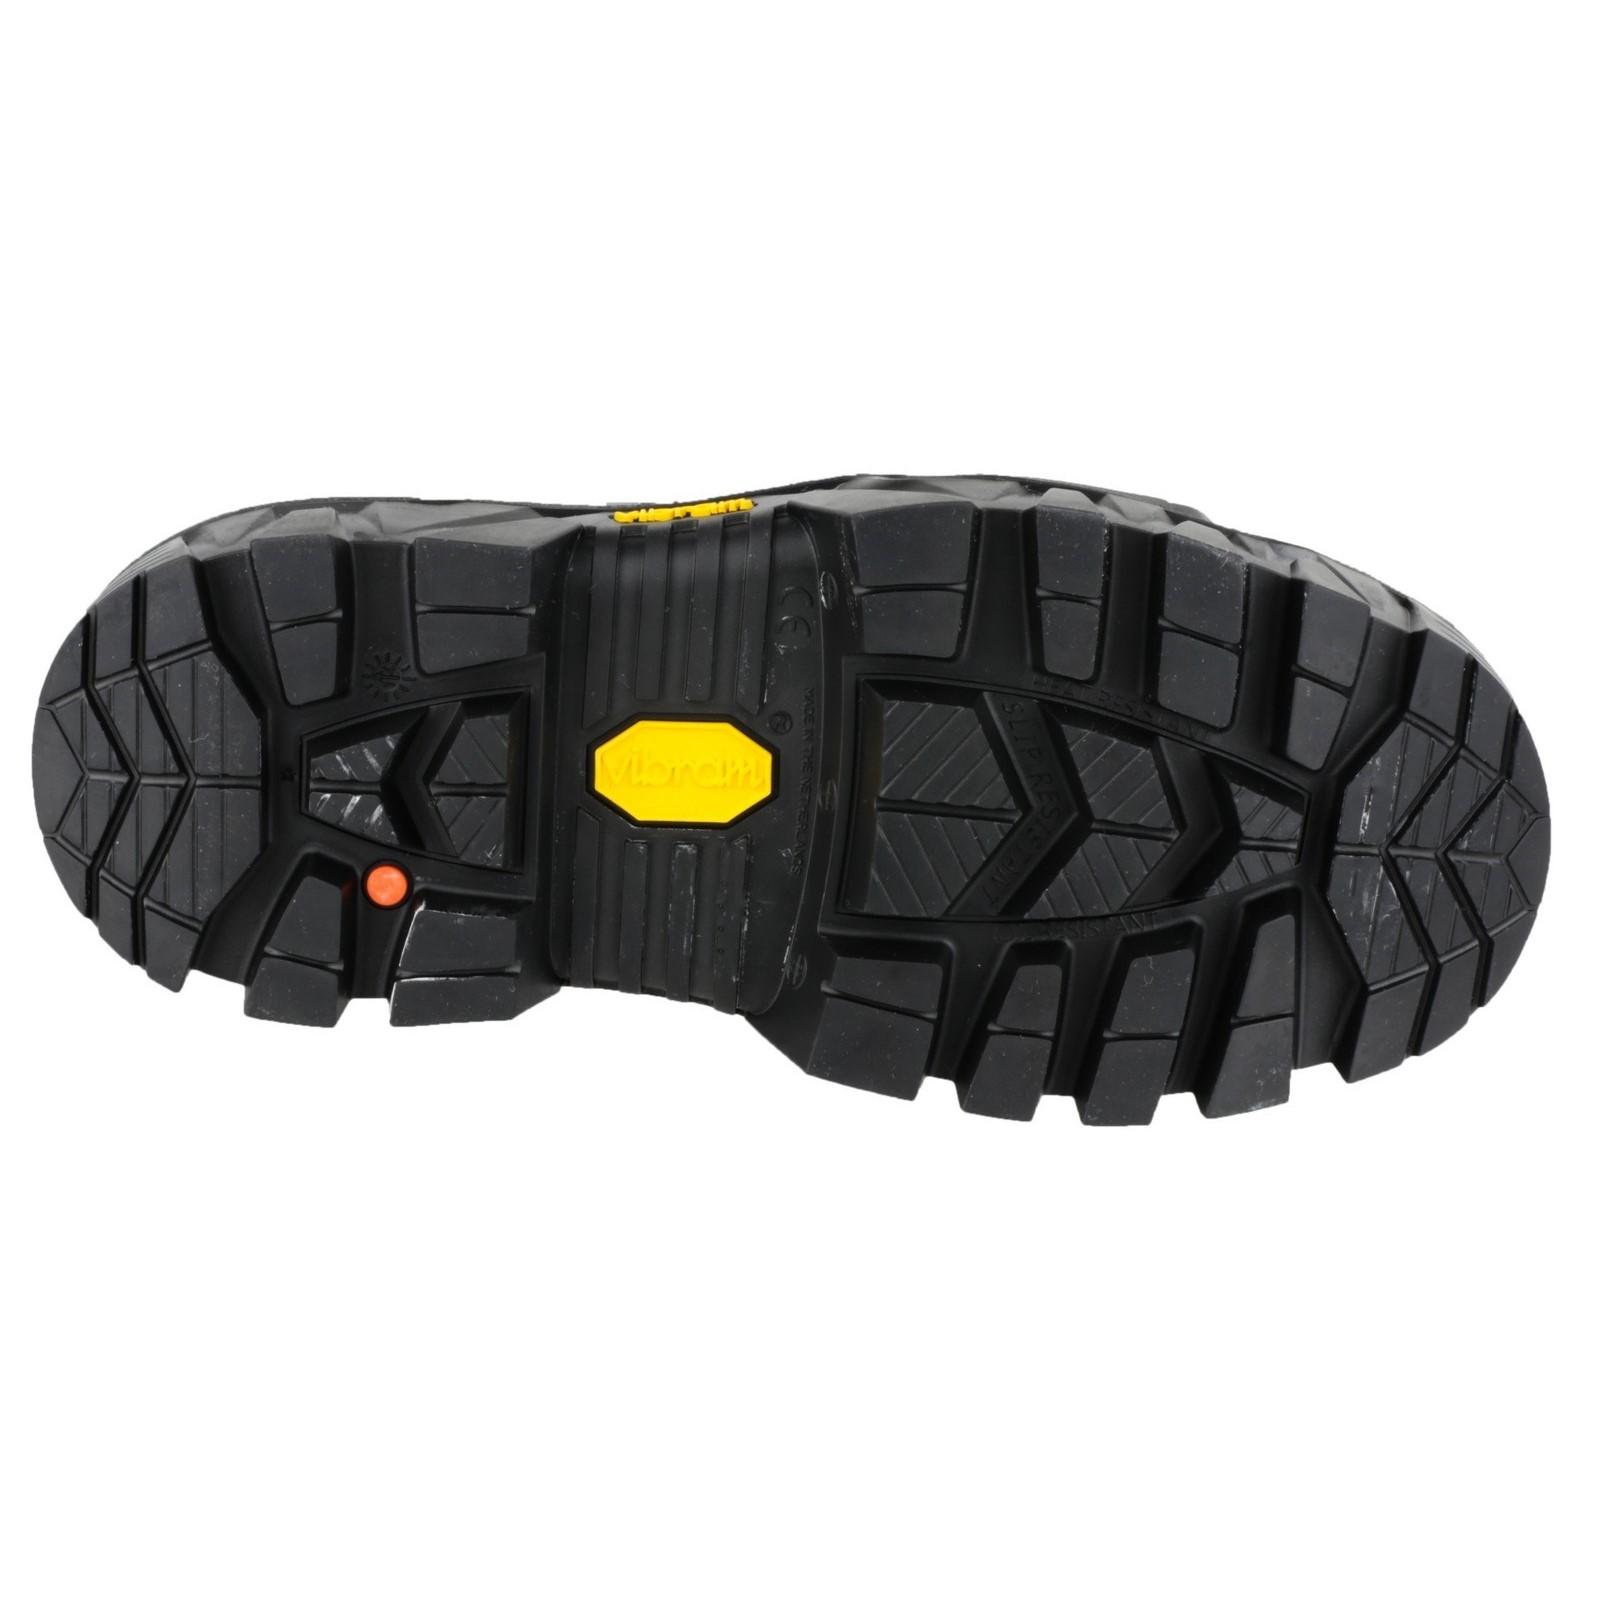 Dunlop Unisex Explorer Purofort Gummistiefel Gummistiefel Gummistiefel ee28ee